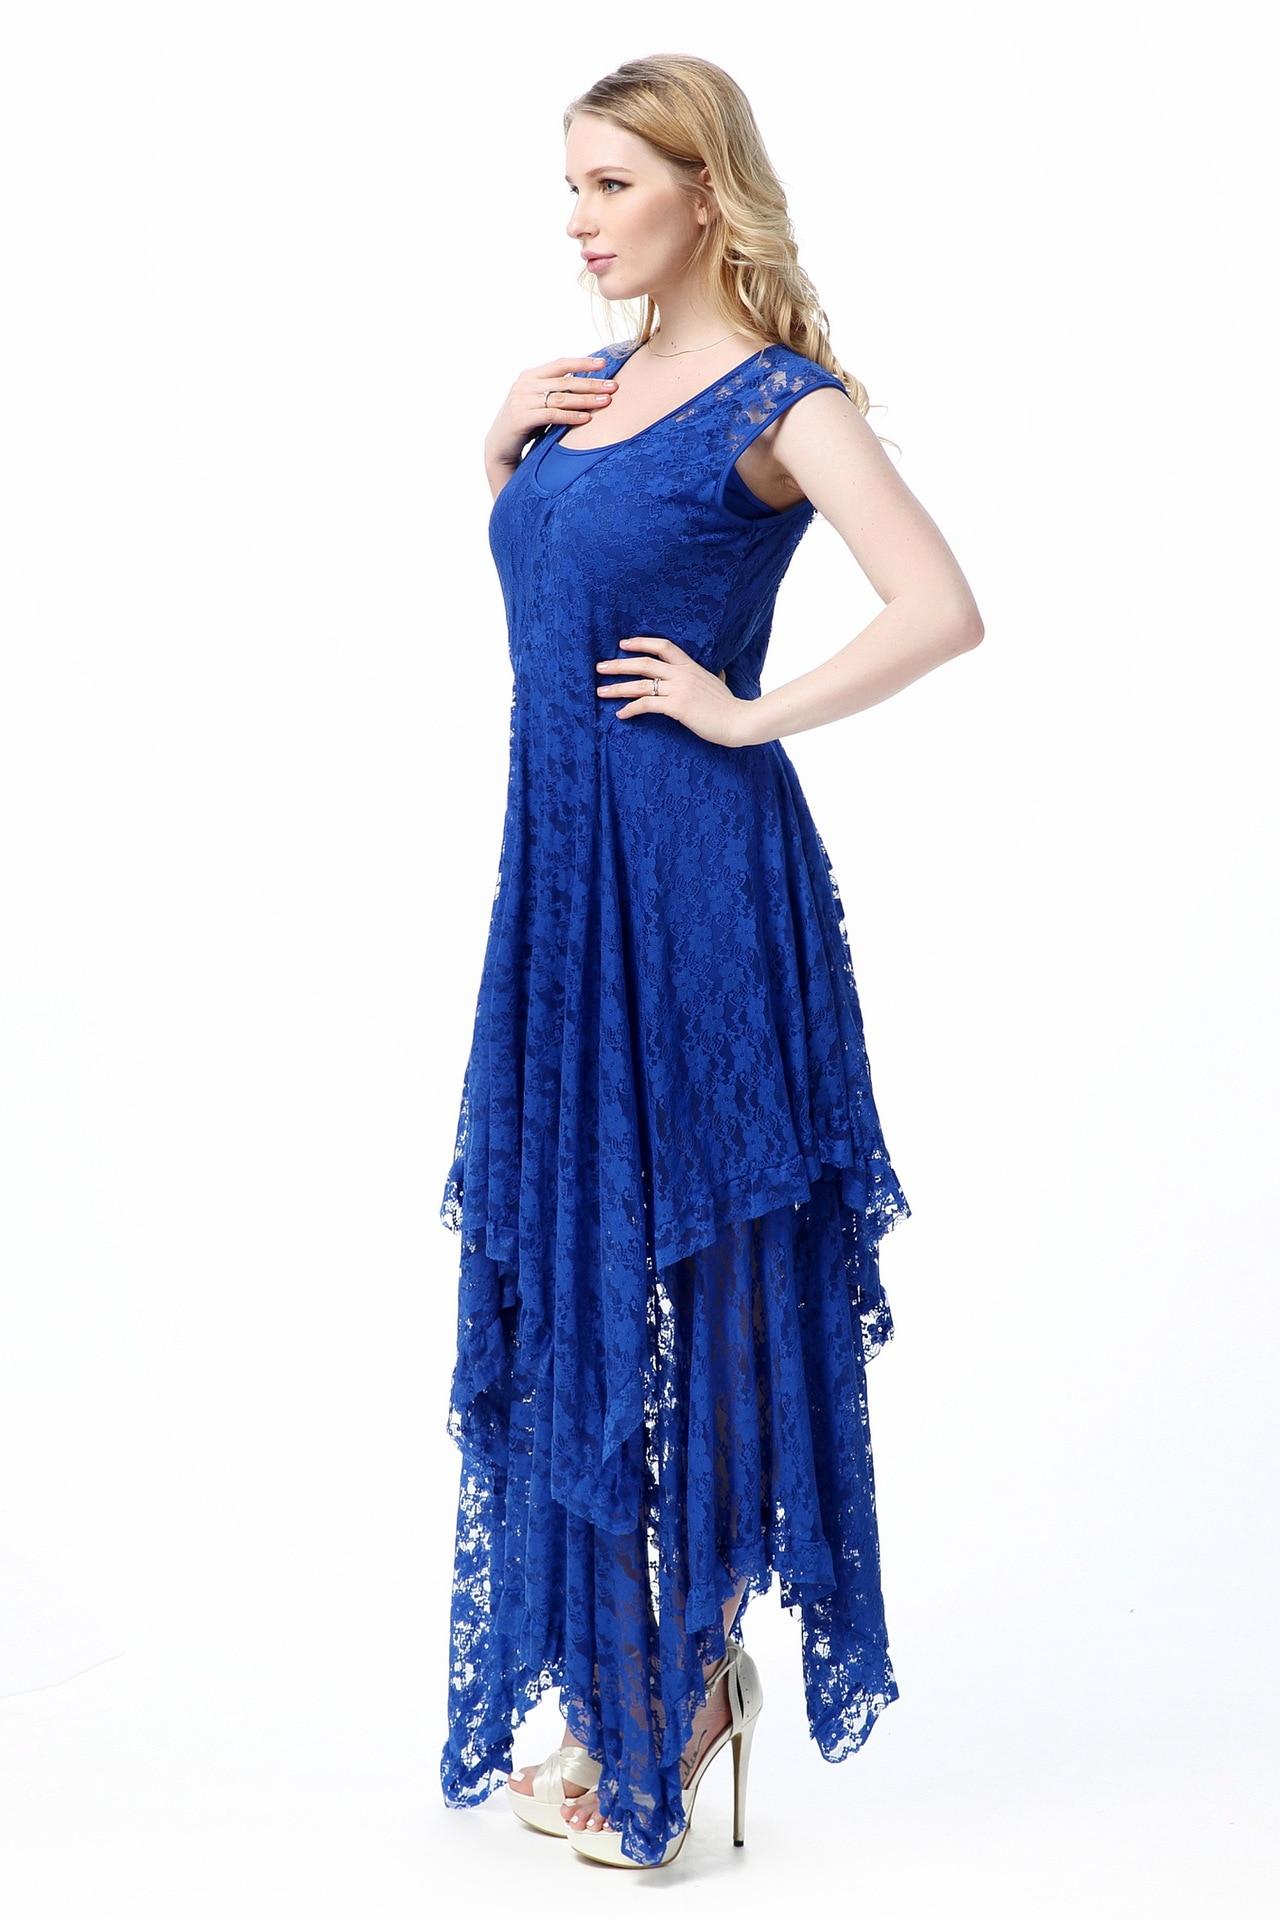 Sexy longue dentelle robe femmes robes 2019 été deux pièces ensemble grande taille 6XL 5XL 4XL bleu noir robe de soirée femme CM126 - 4